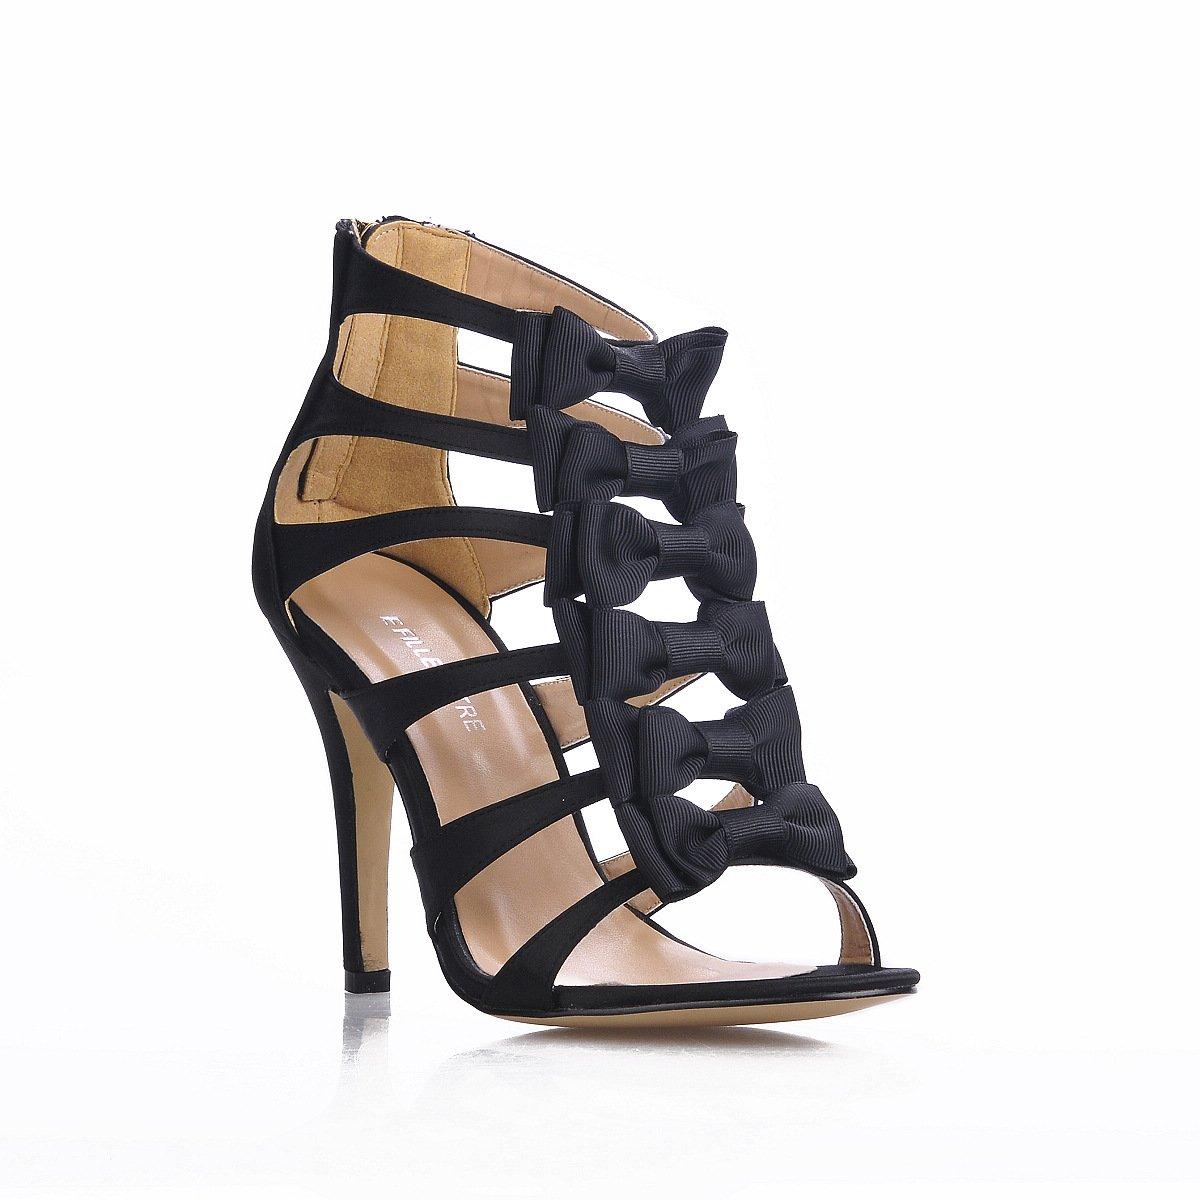 Sandales talon femme show à de la nouvelle de l banquet été, noir chaussures de talon chaussures banquet de belles fleurs papillon Black fd096a0 - therethere.space